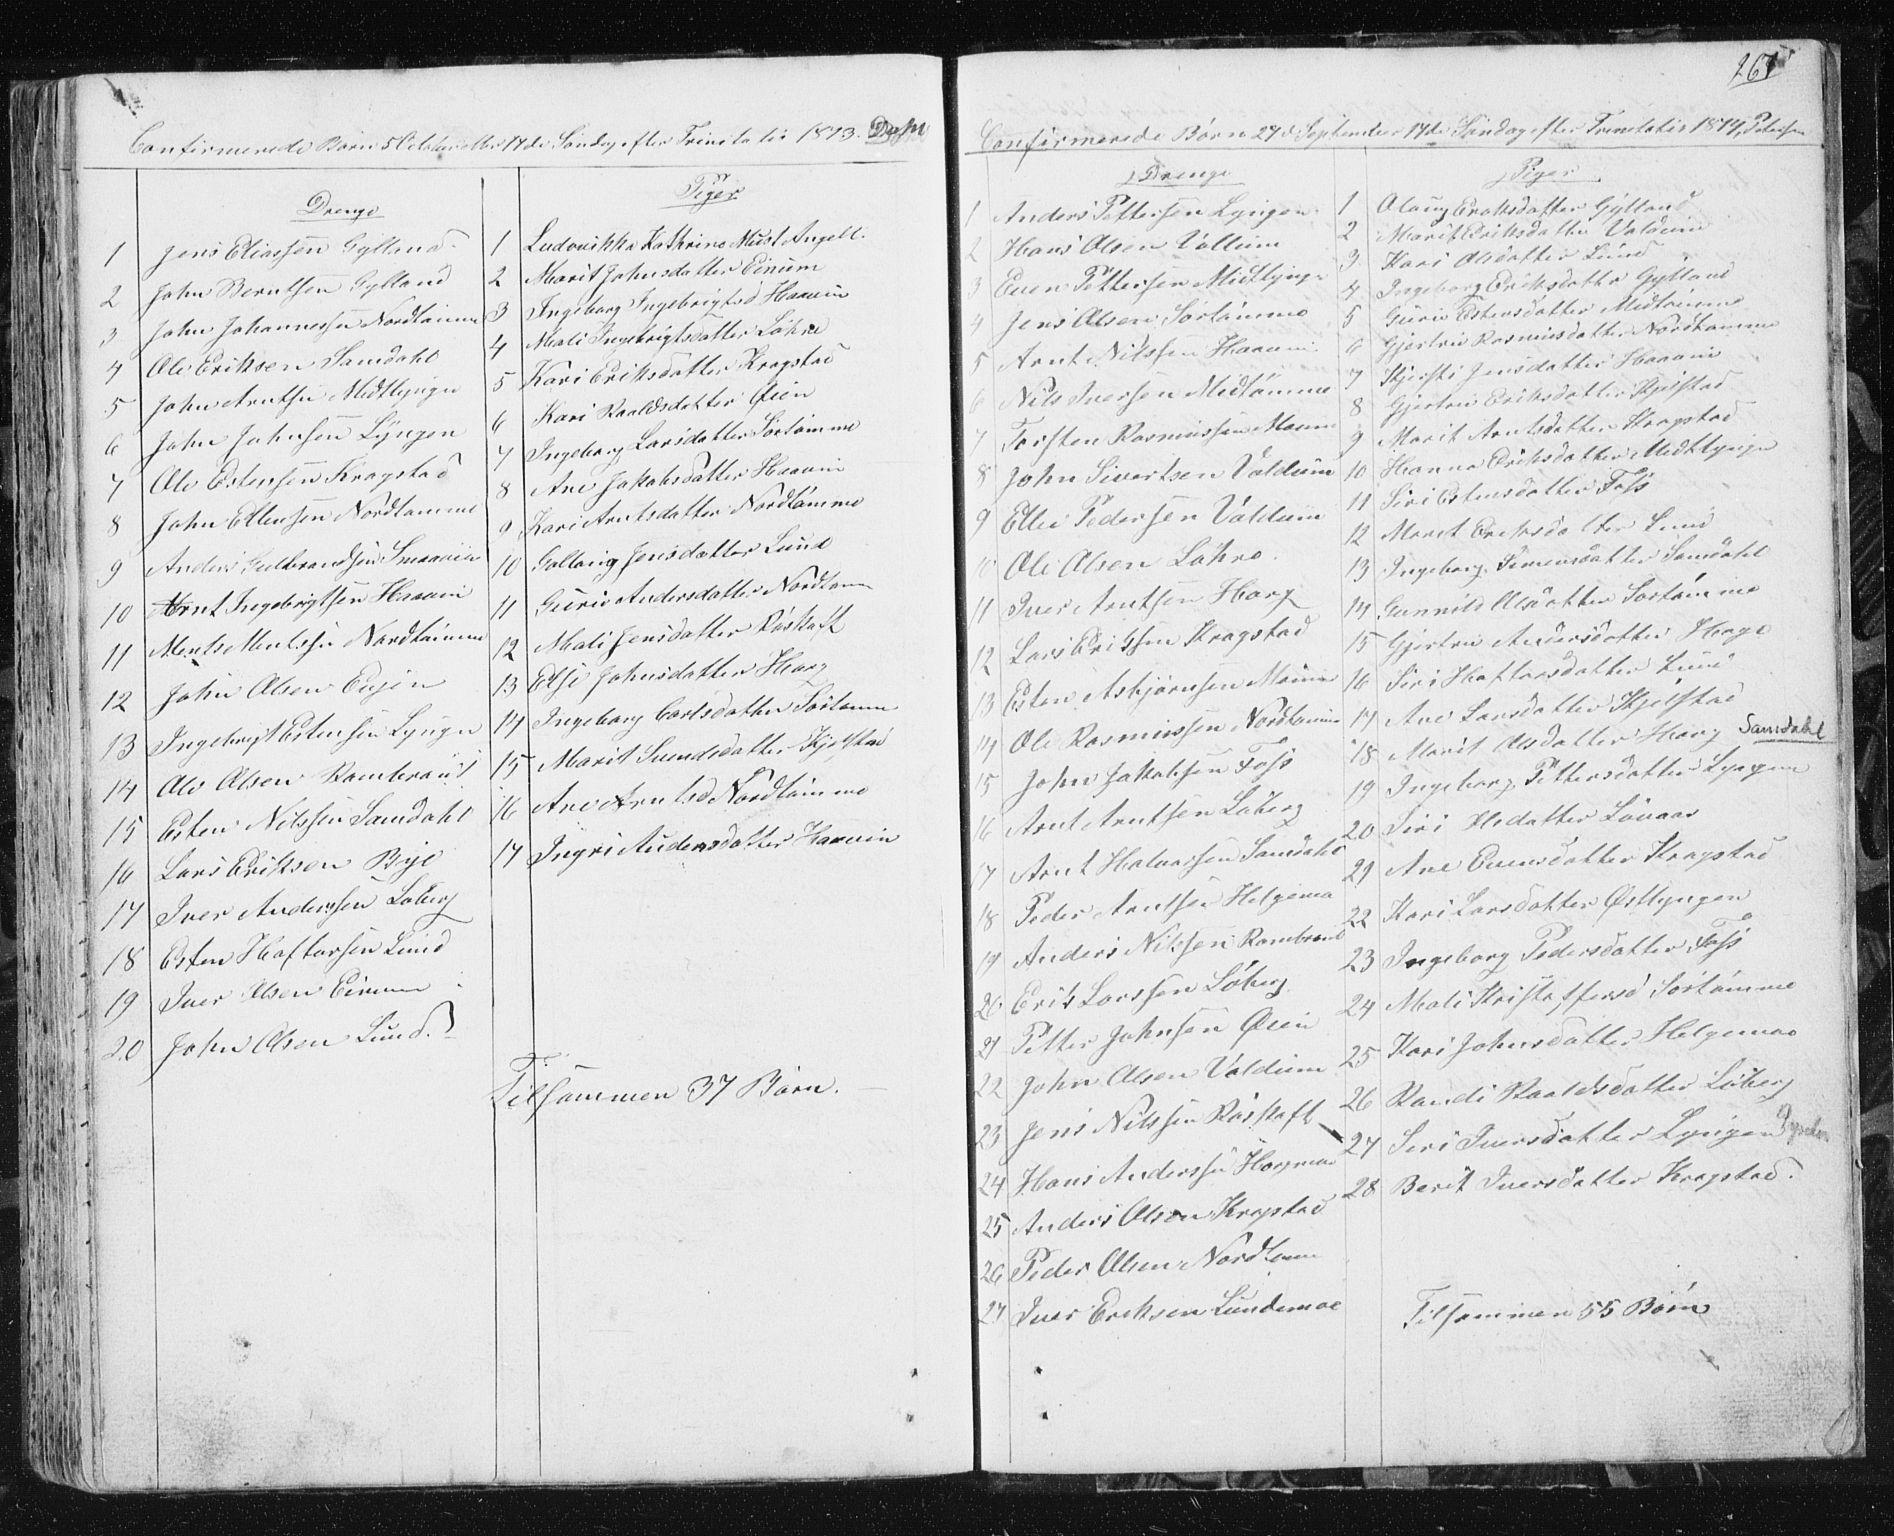 SAT, Ministerialprotokoller, klokkerbøker og fødselsregistre - Sør-Trøndelag, 692/L1110: Klokkerbok nr. 692C05, 1849-1889, s. 267